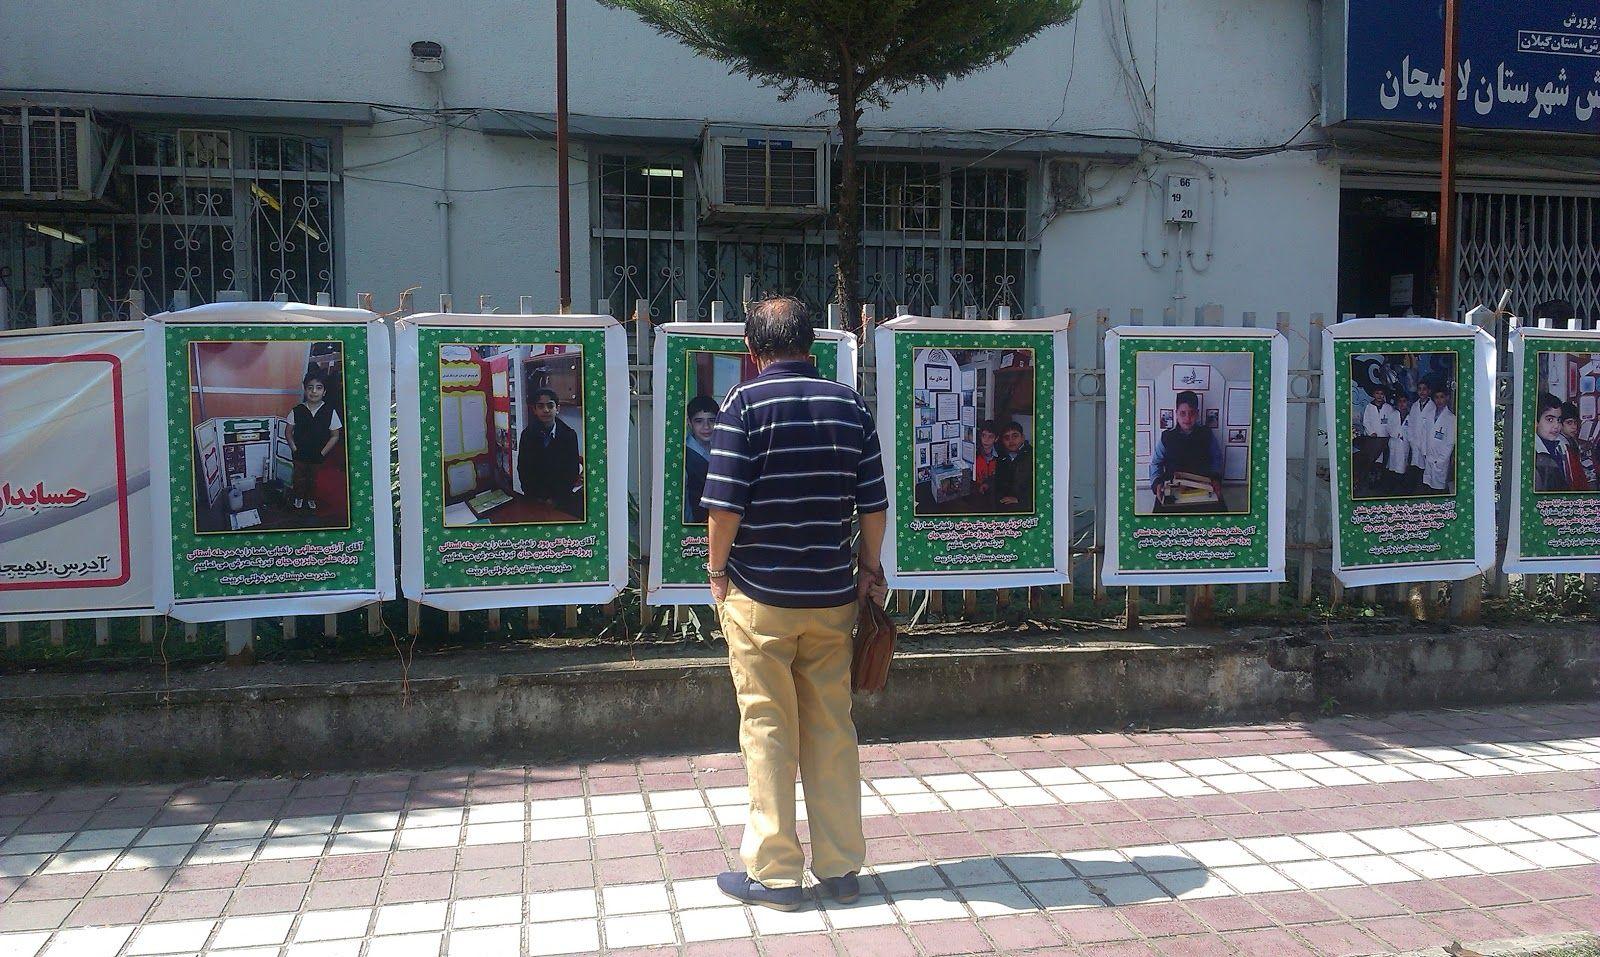 وبلاگ دکتر محمد رضا توکلی لاهیجان مصور در وبلاگ دکترمحمدرضاتوکلی Blog Blog Page